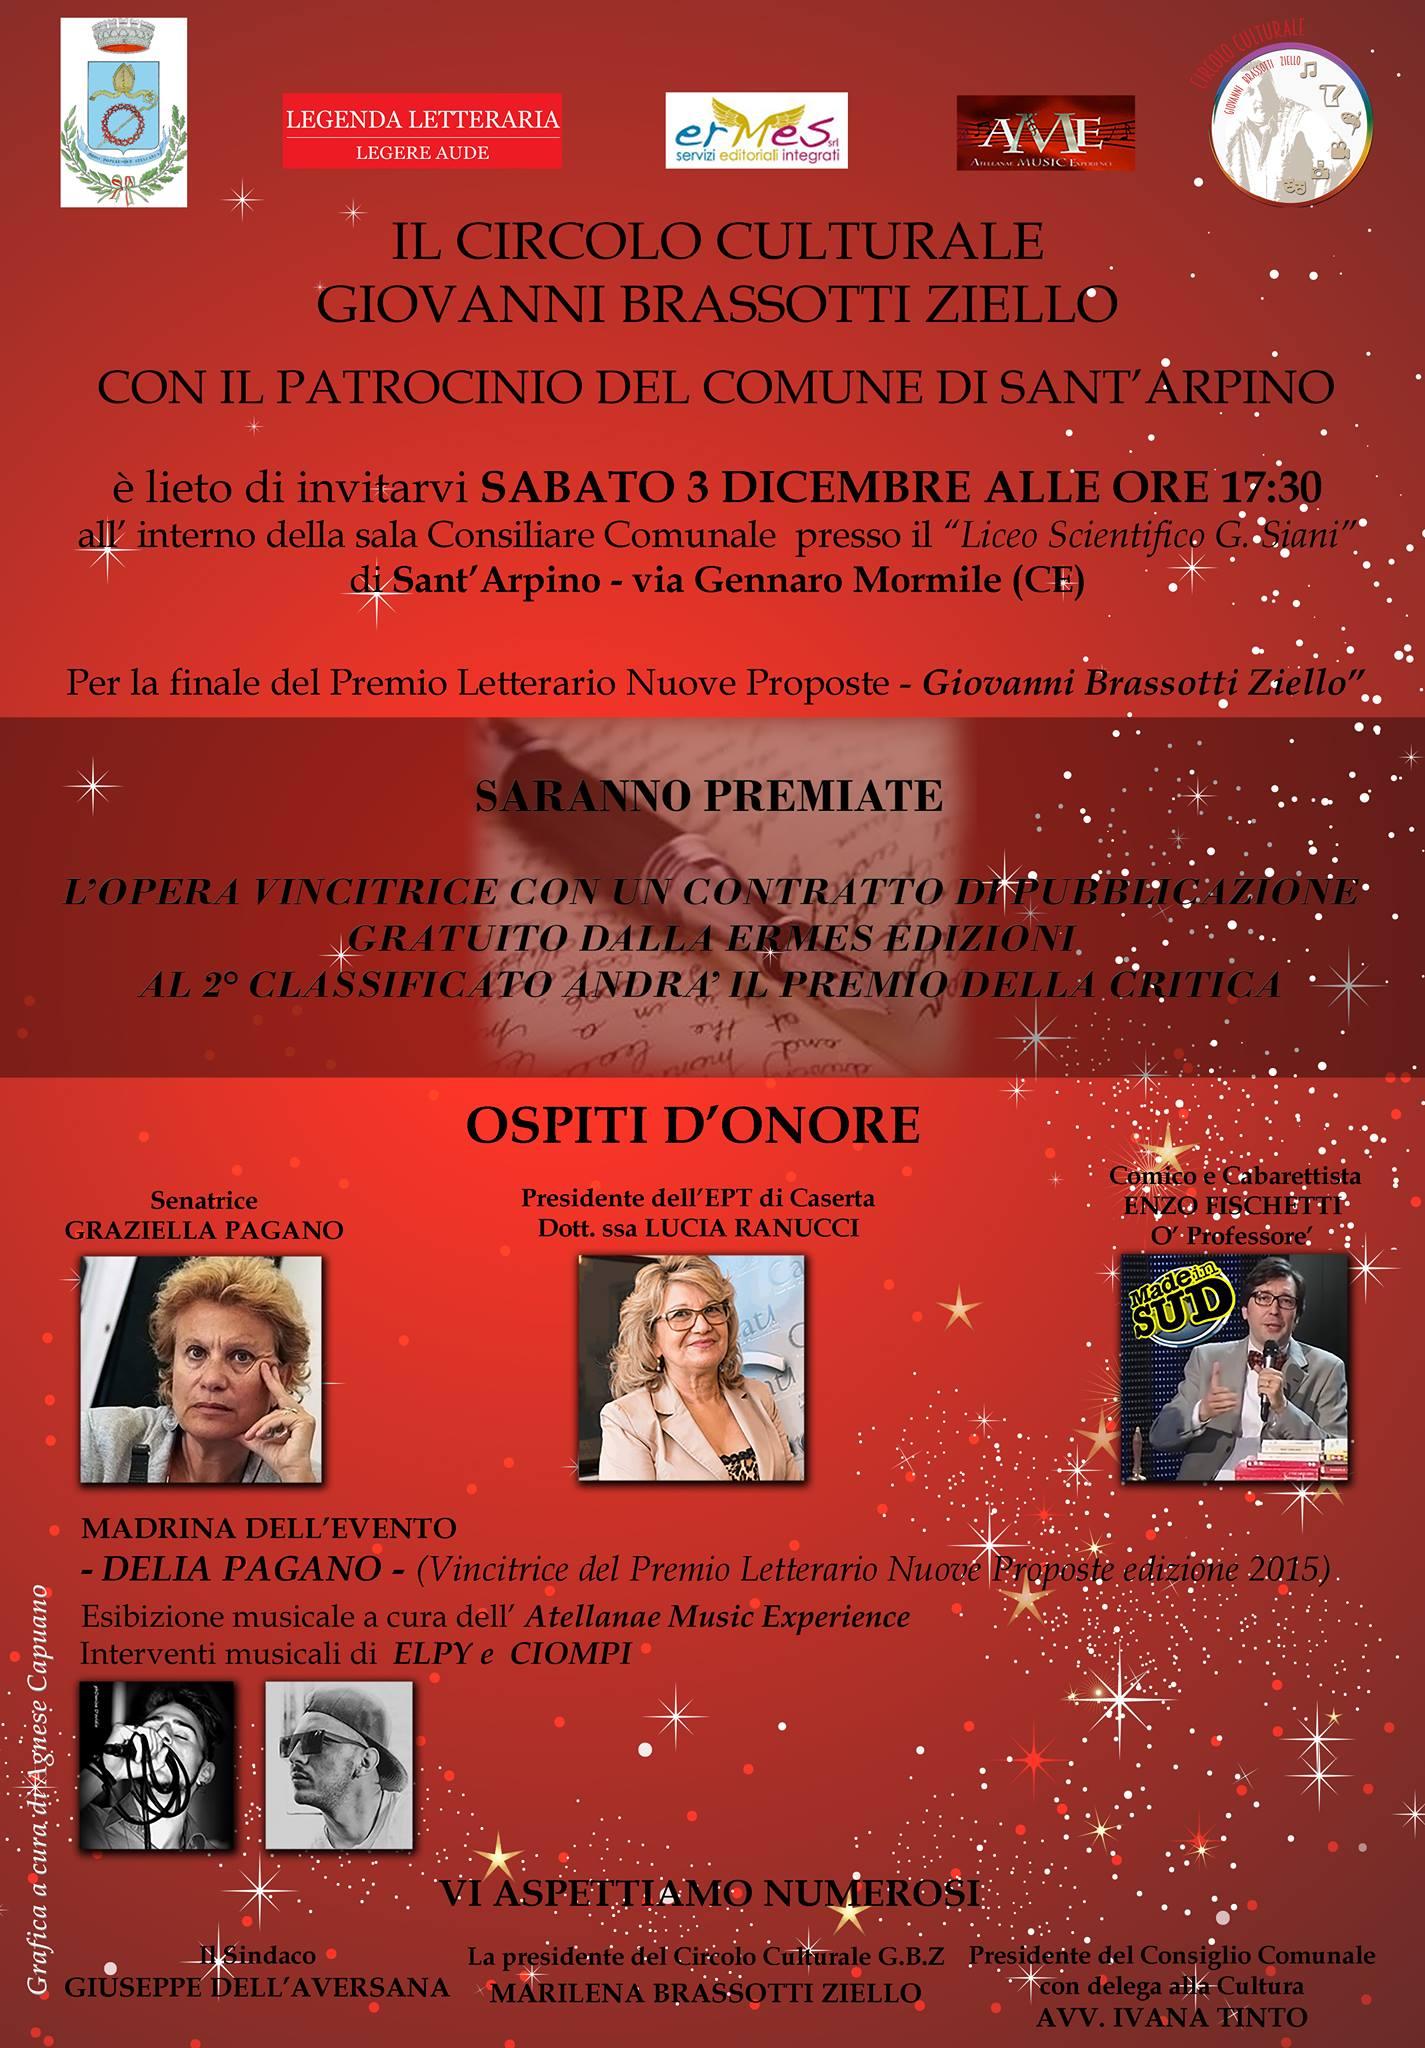 premio-letterario-giovanni-brassotti-ziello